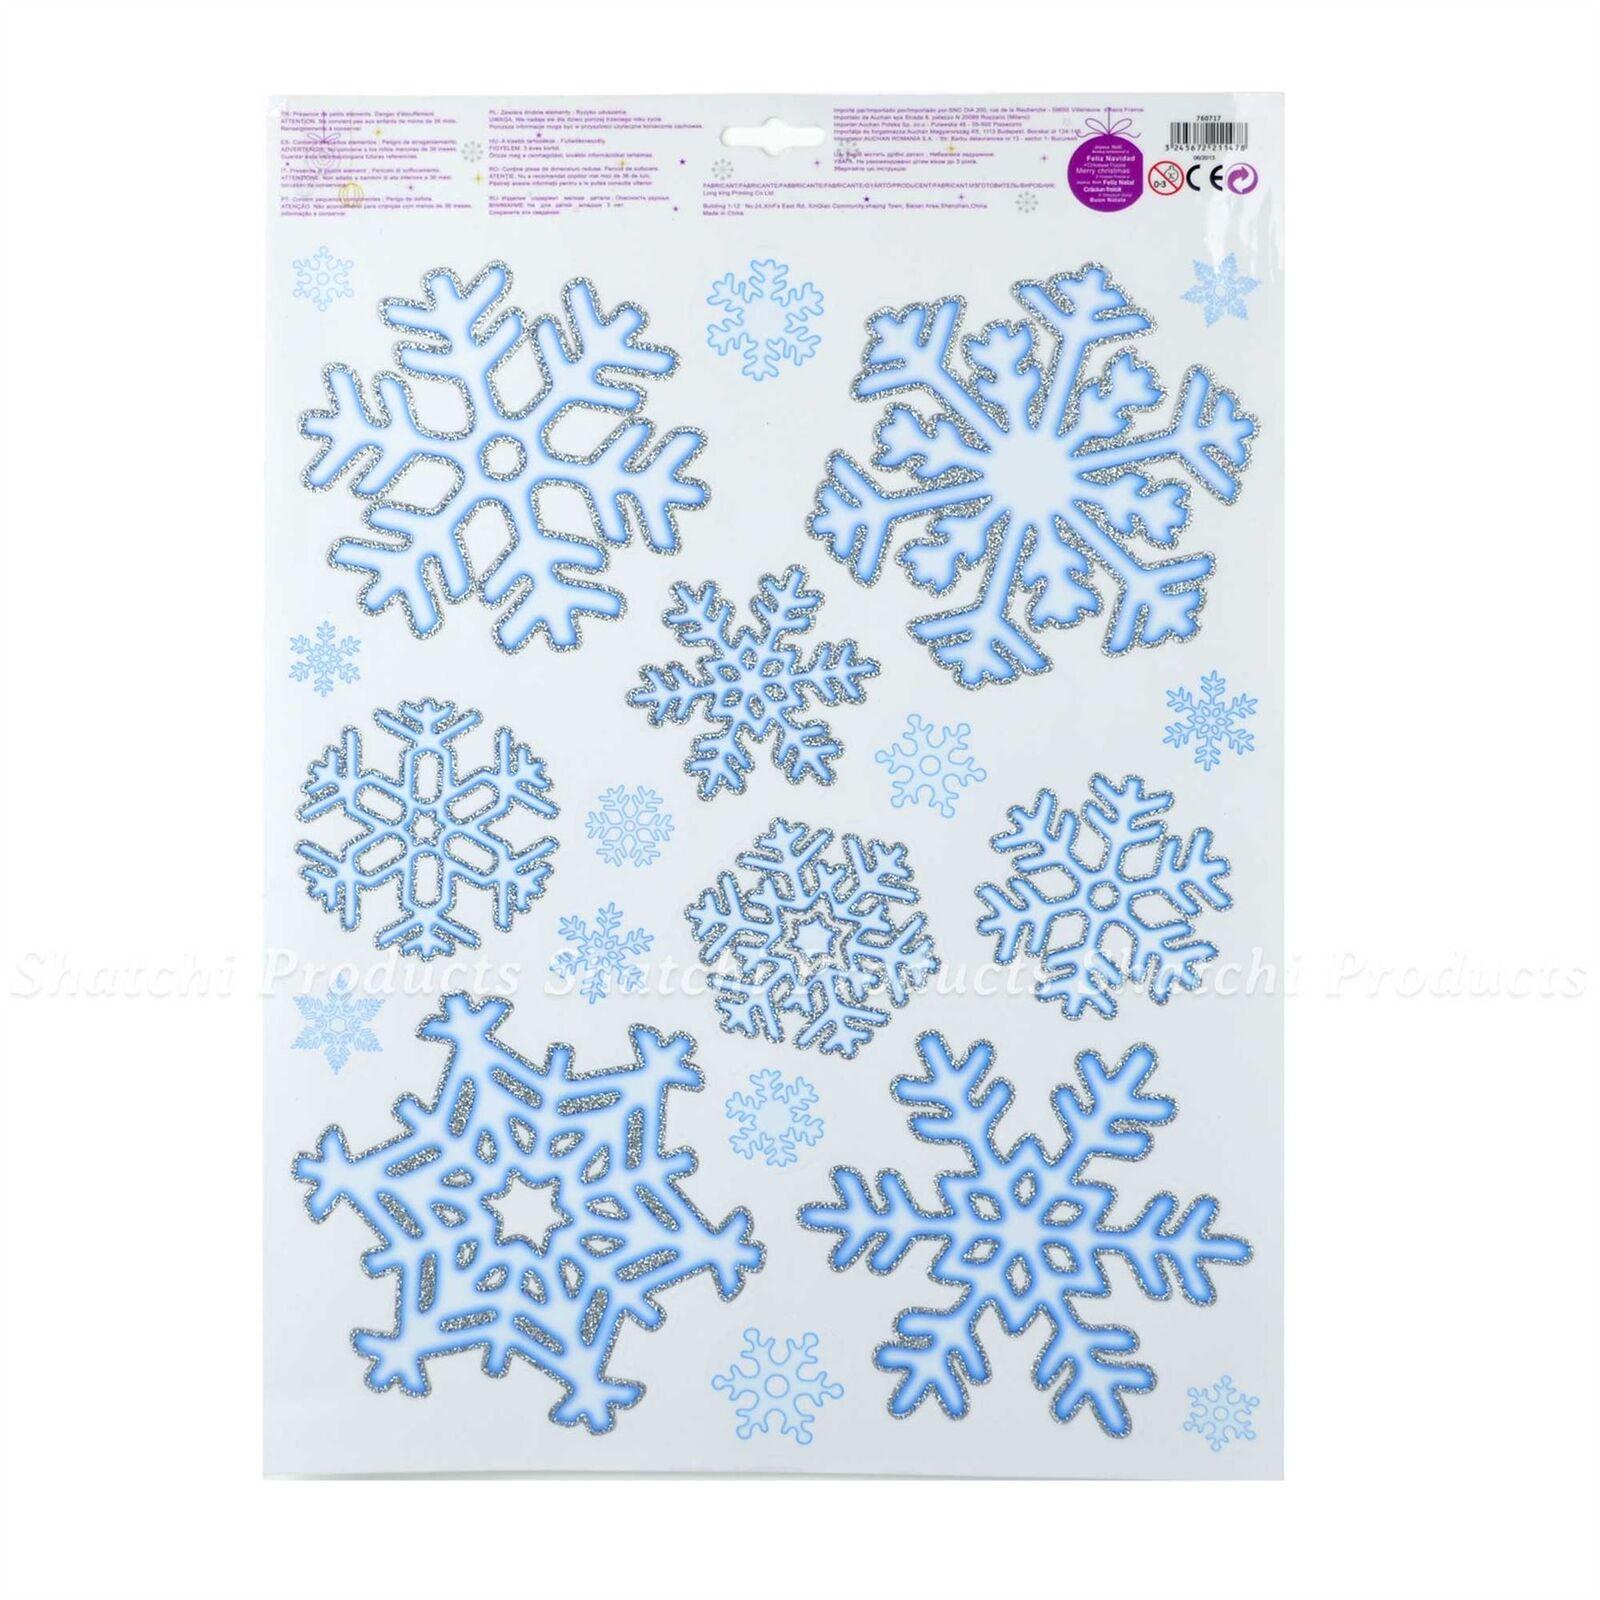 Natale Fiocco Di Neve Finestrino Finestrino Finestrino Adesivi Natale Glitter Decorazioni Home Decor 37b989